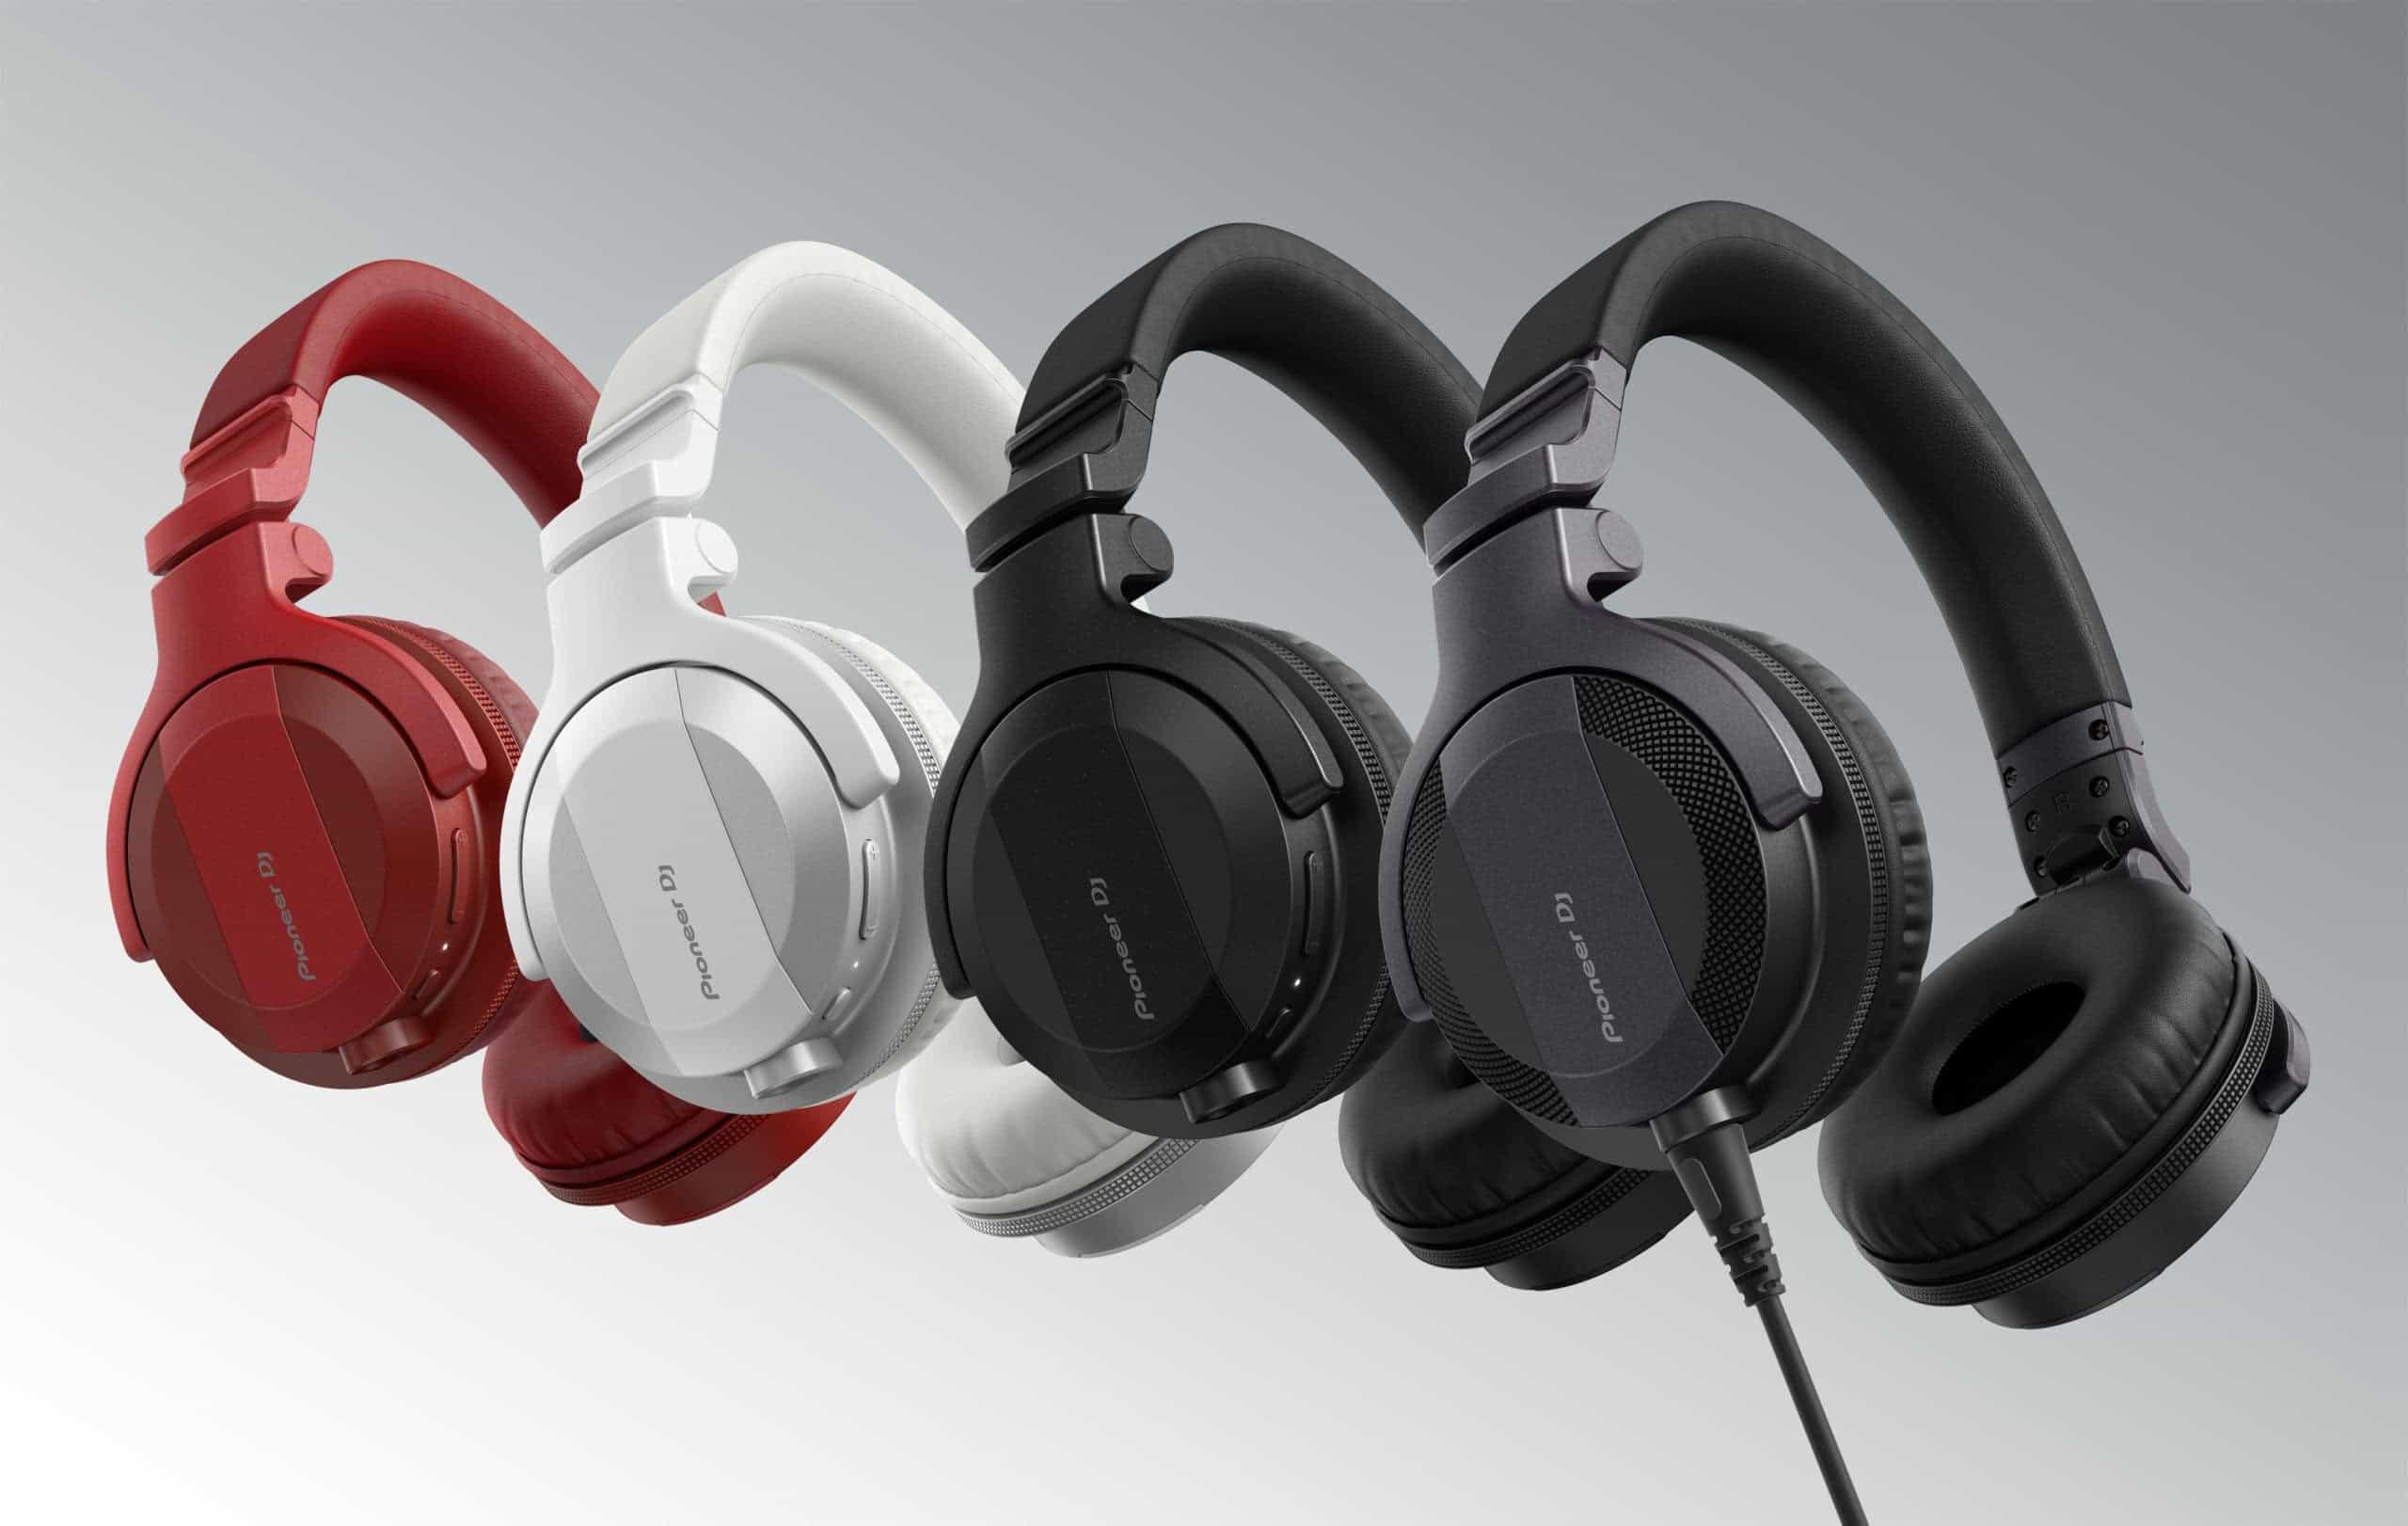 Pioneer DJ lanza auriculares para DJ con Bluetooth HDJ-CUE1 9